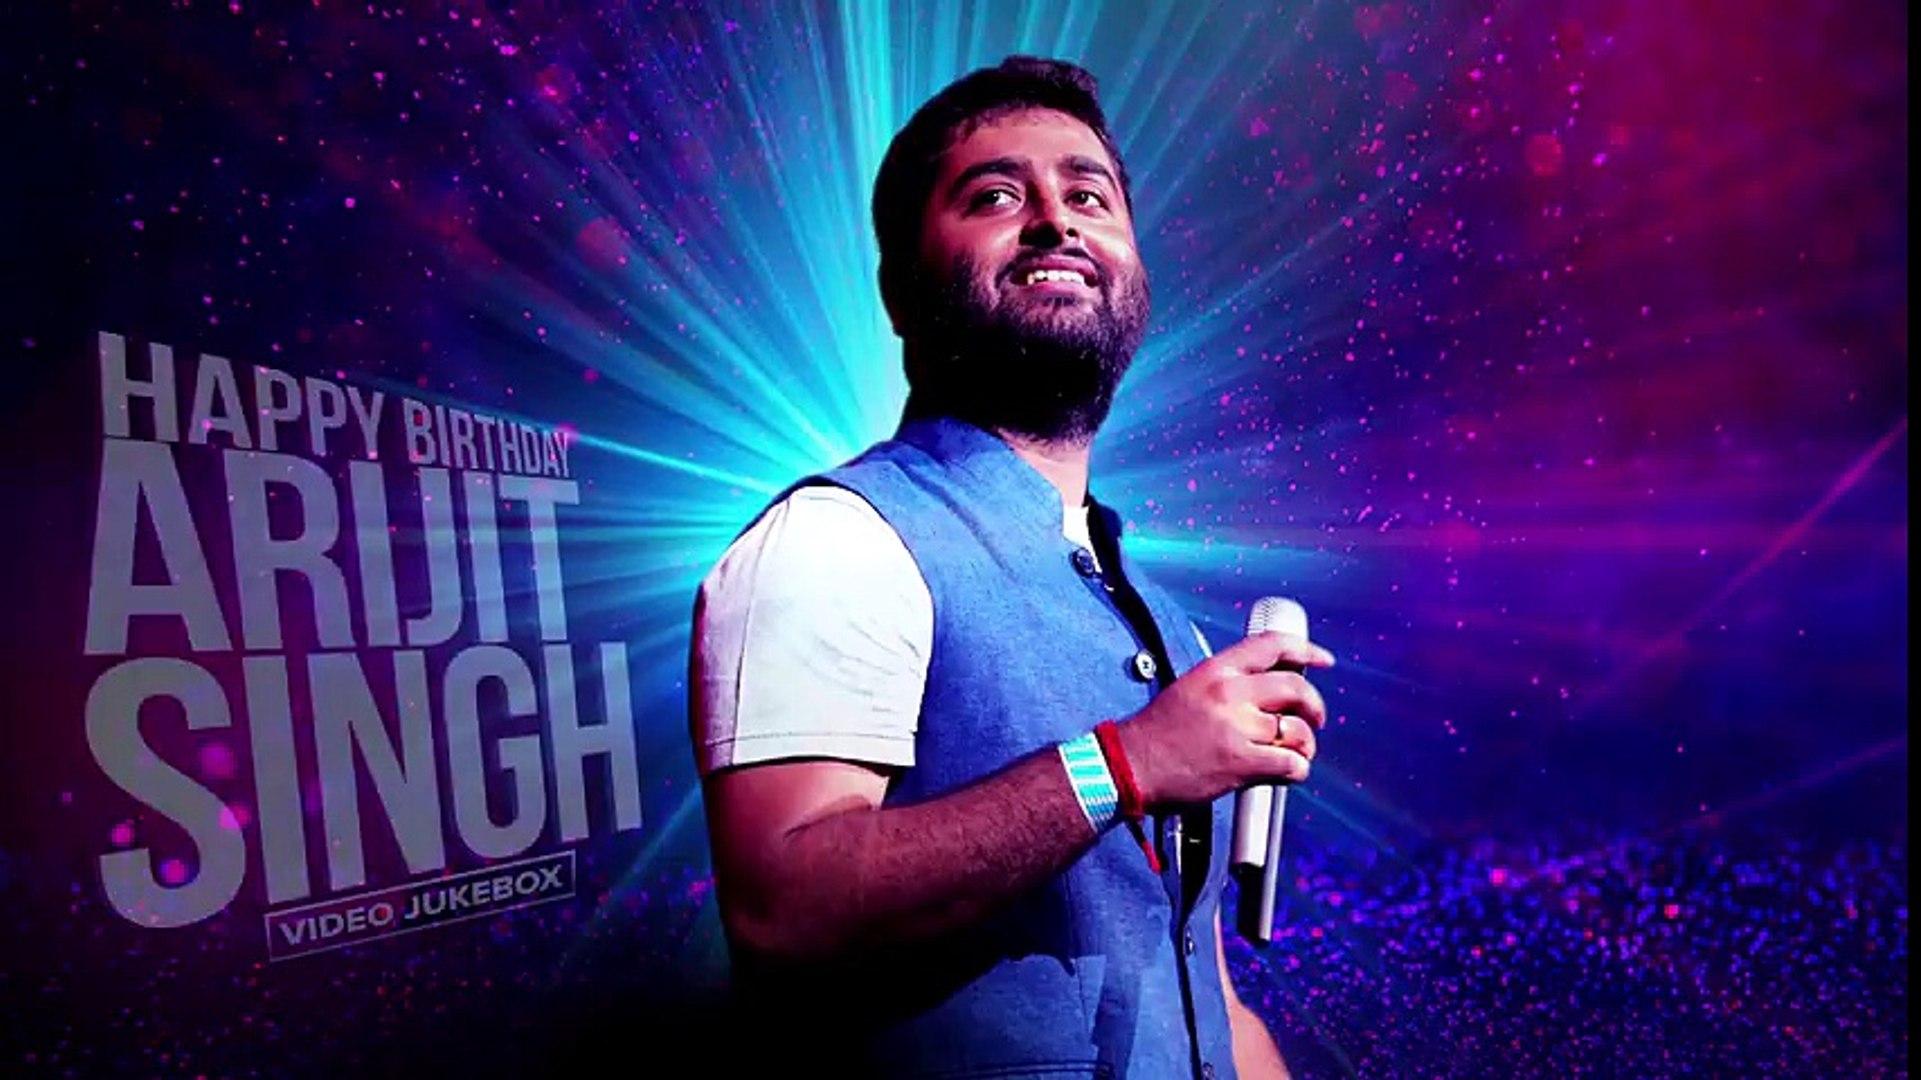 Happy Birthday Arijit Singh - Best of Arijit Video Songs - Eros Now